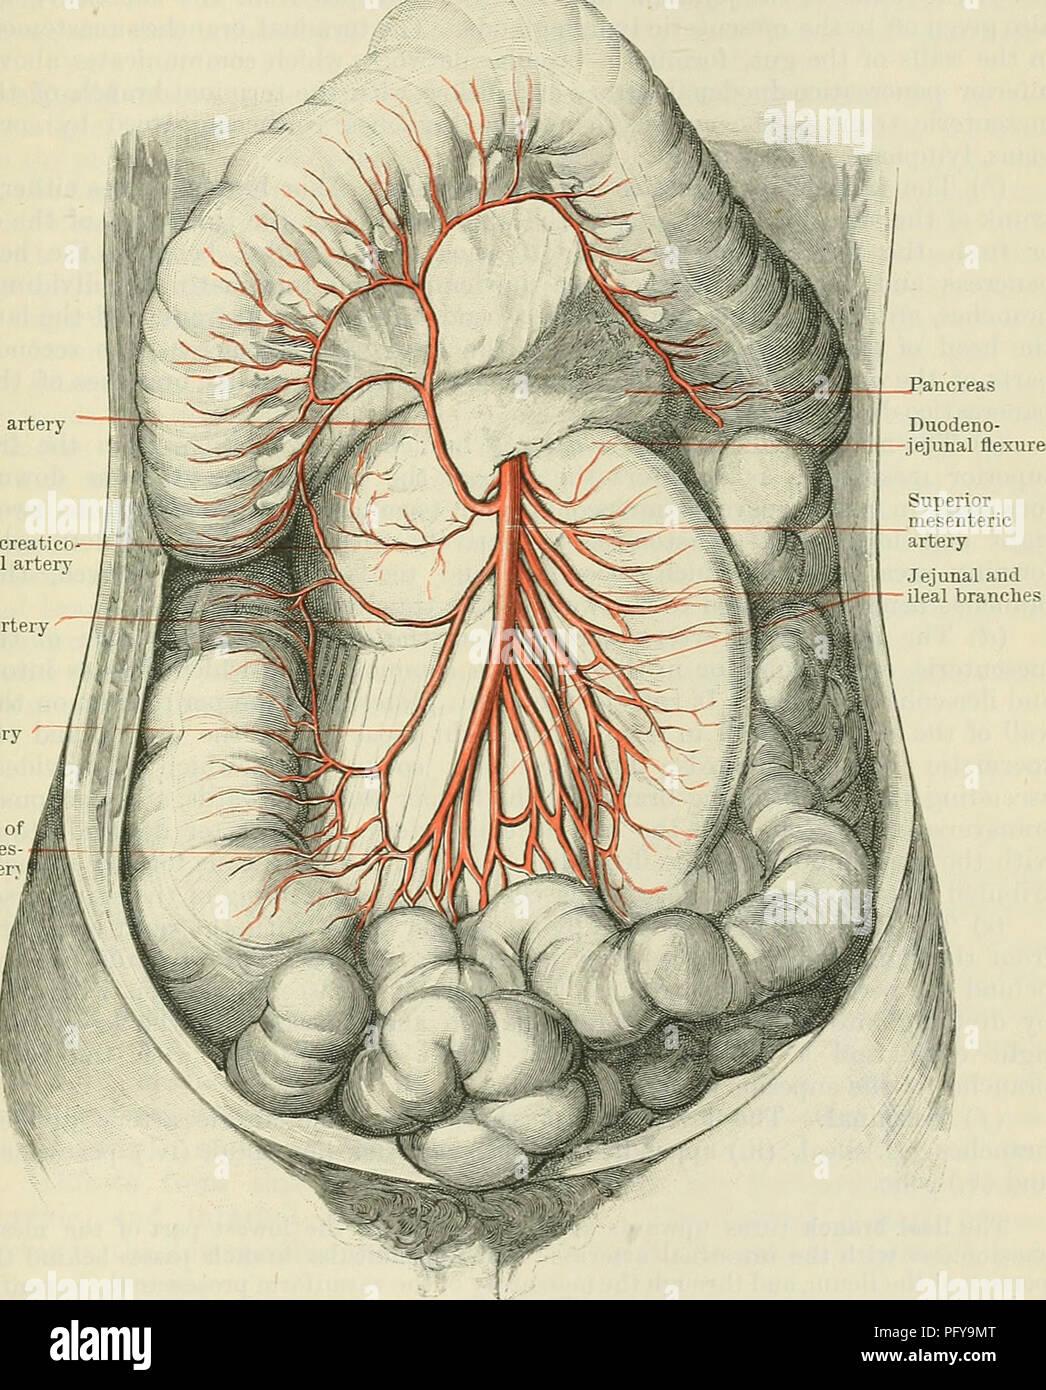 Cunninghams Lehrbuch der Anatomie. Anatomie. VISCEEAL BEANCHES DER ...